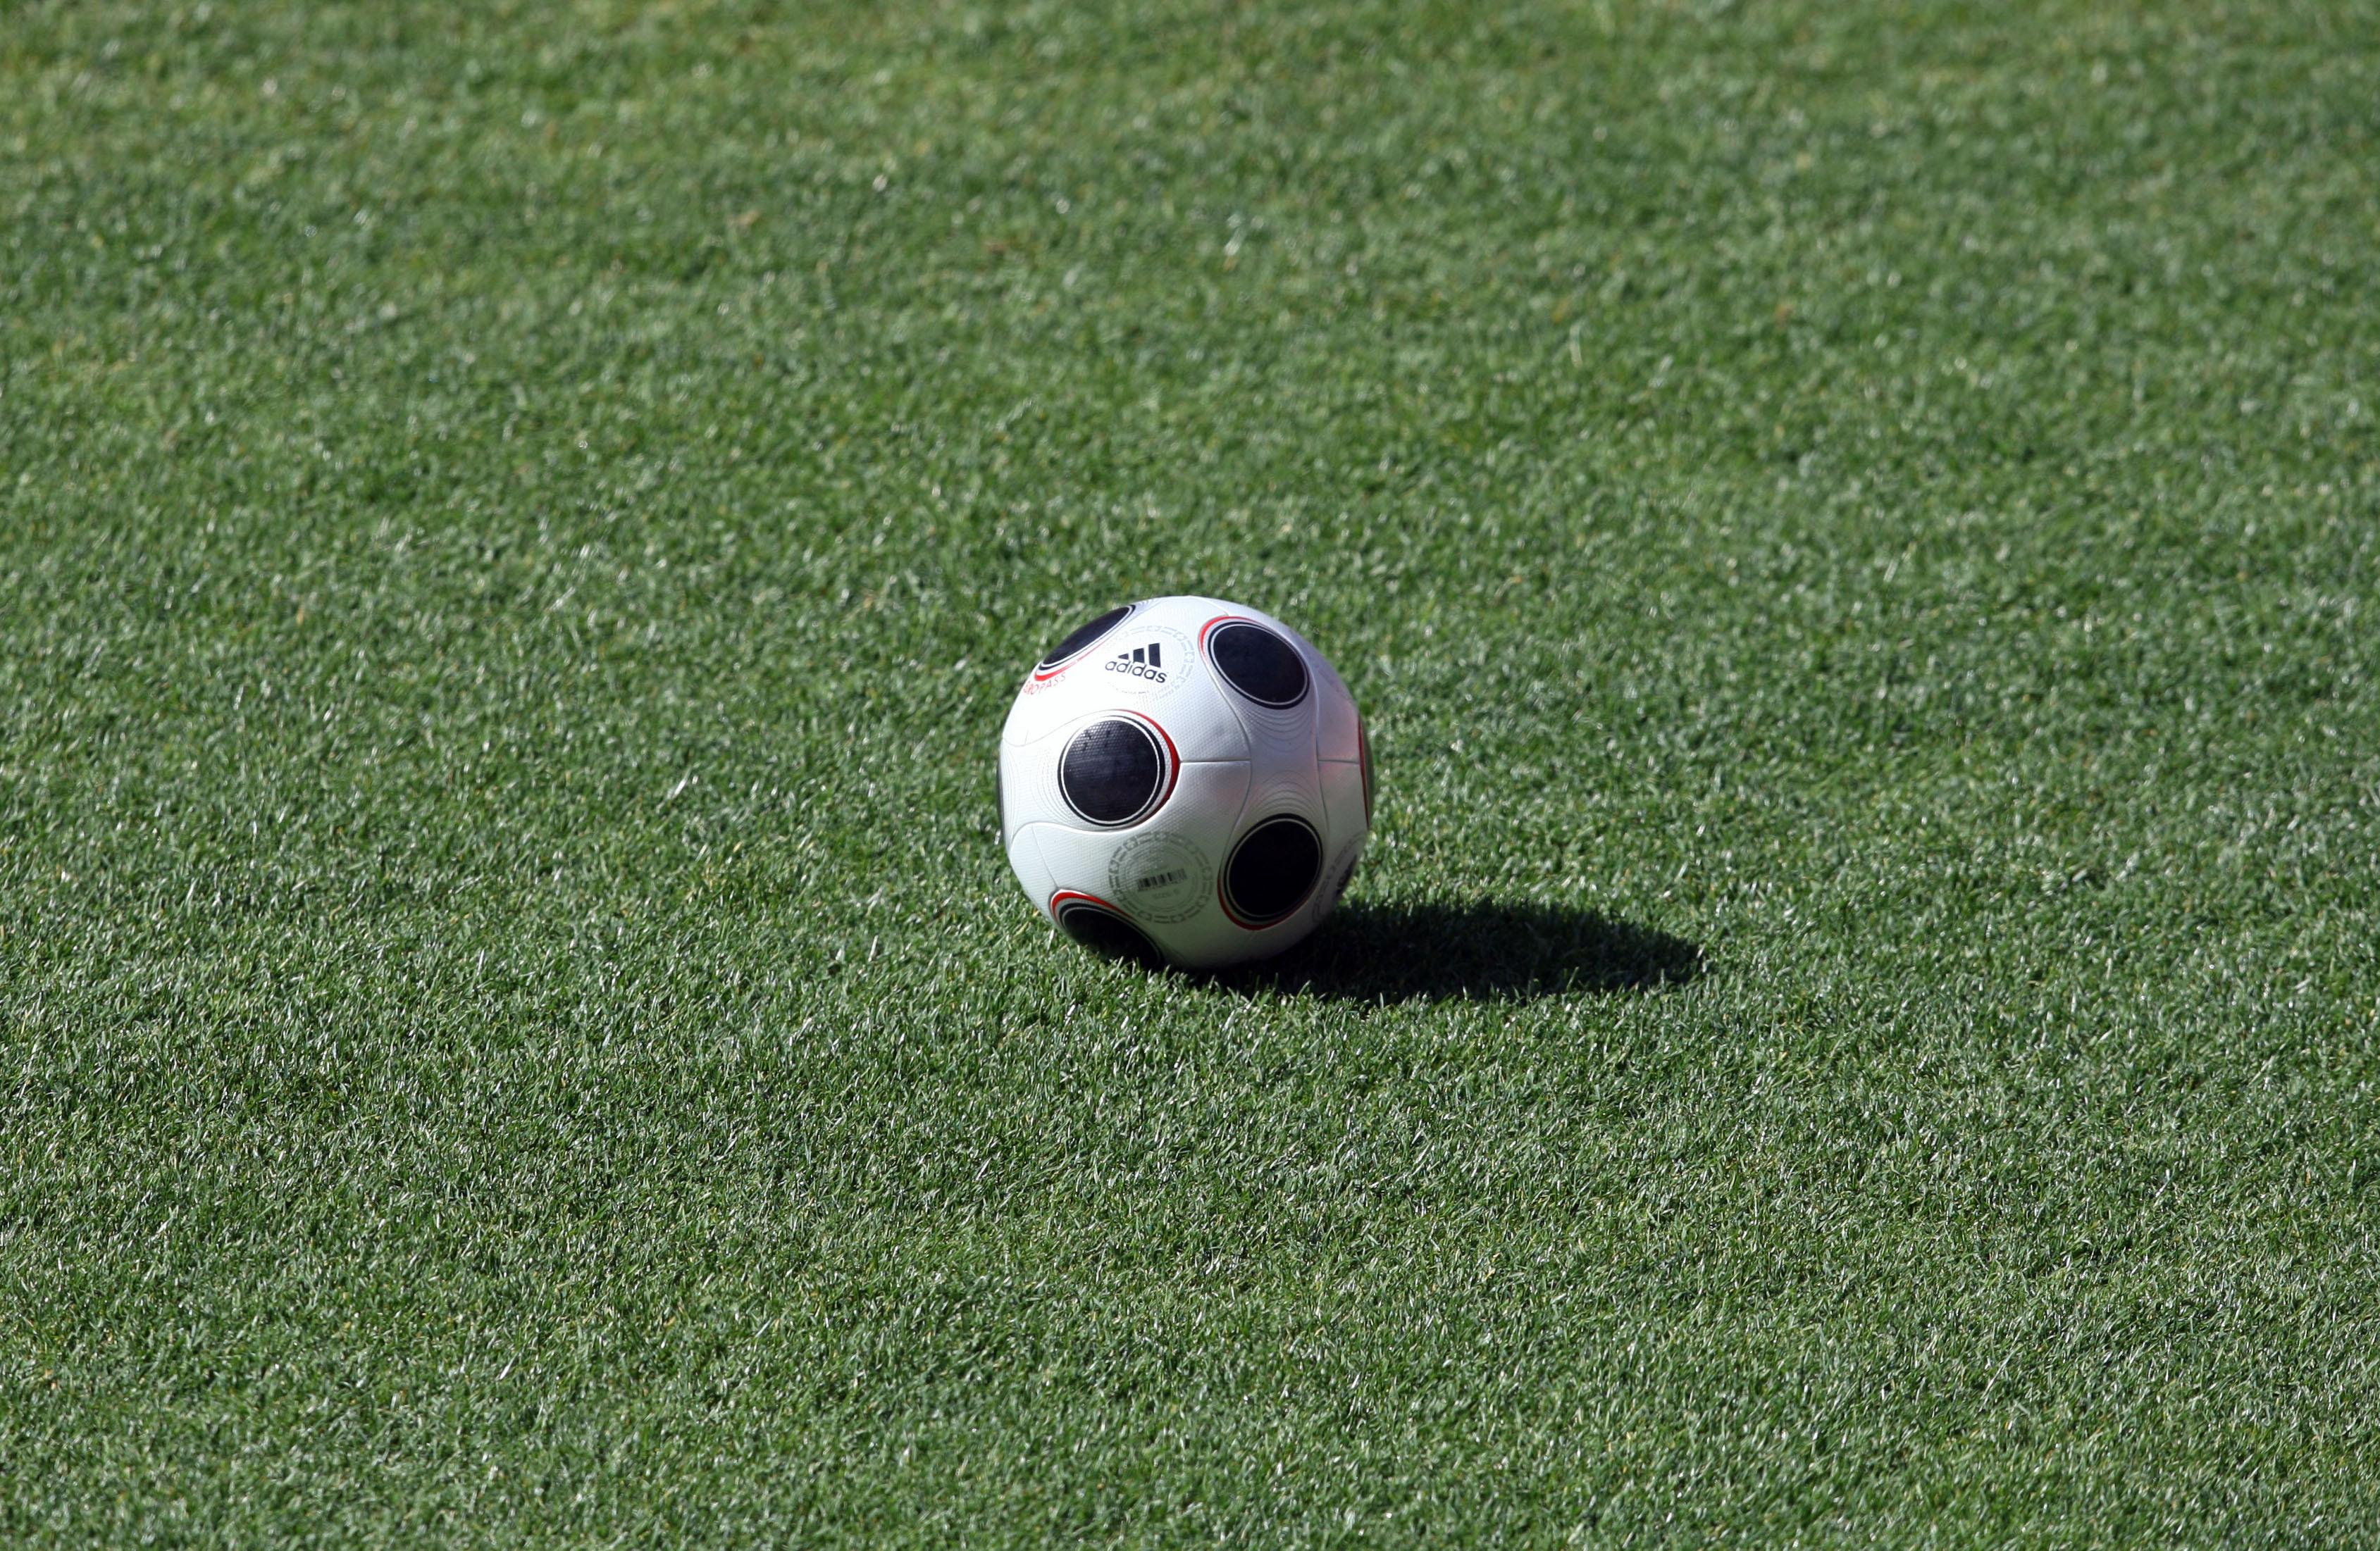 MAI mantém policiamento nos jogos da associação de futebol do Porto